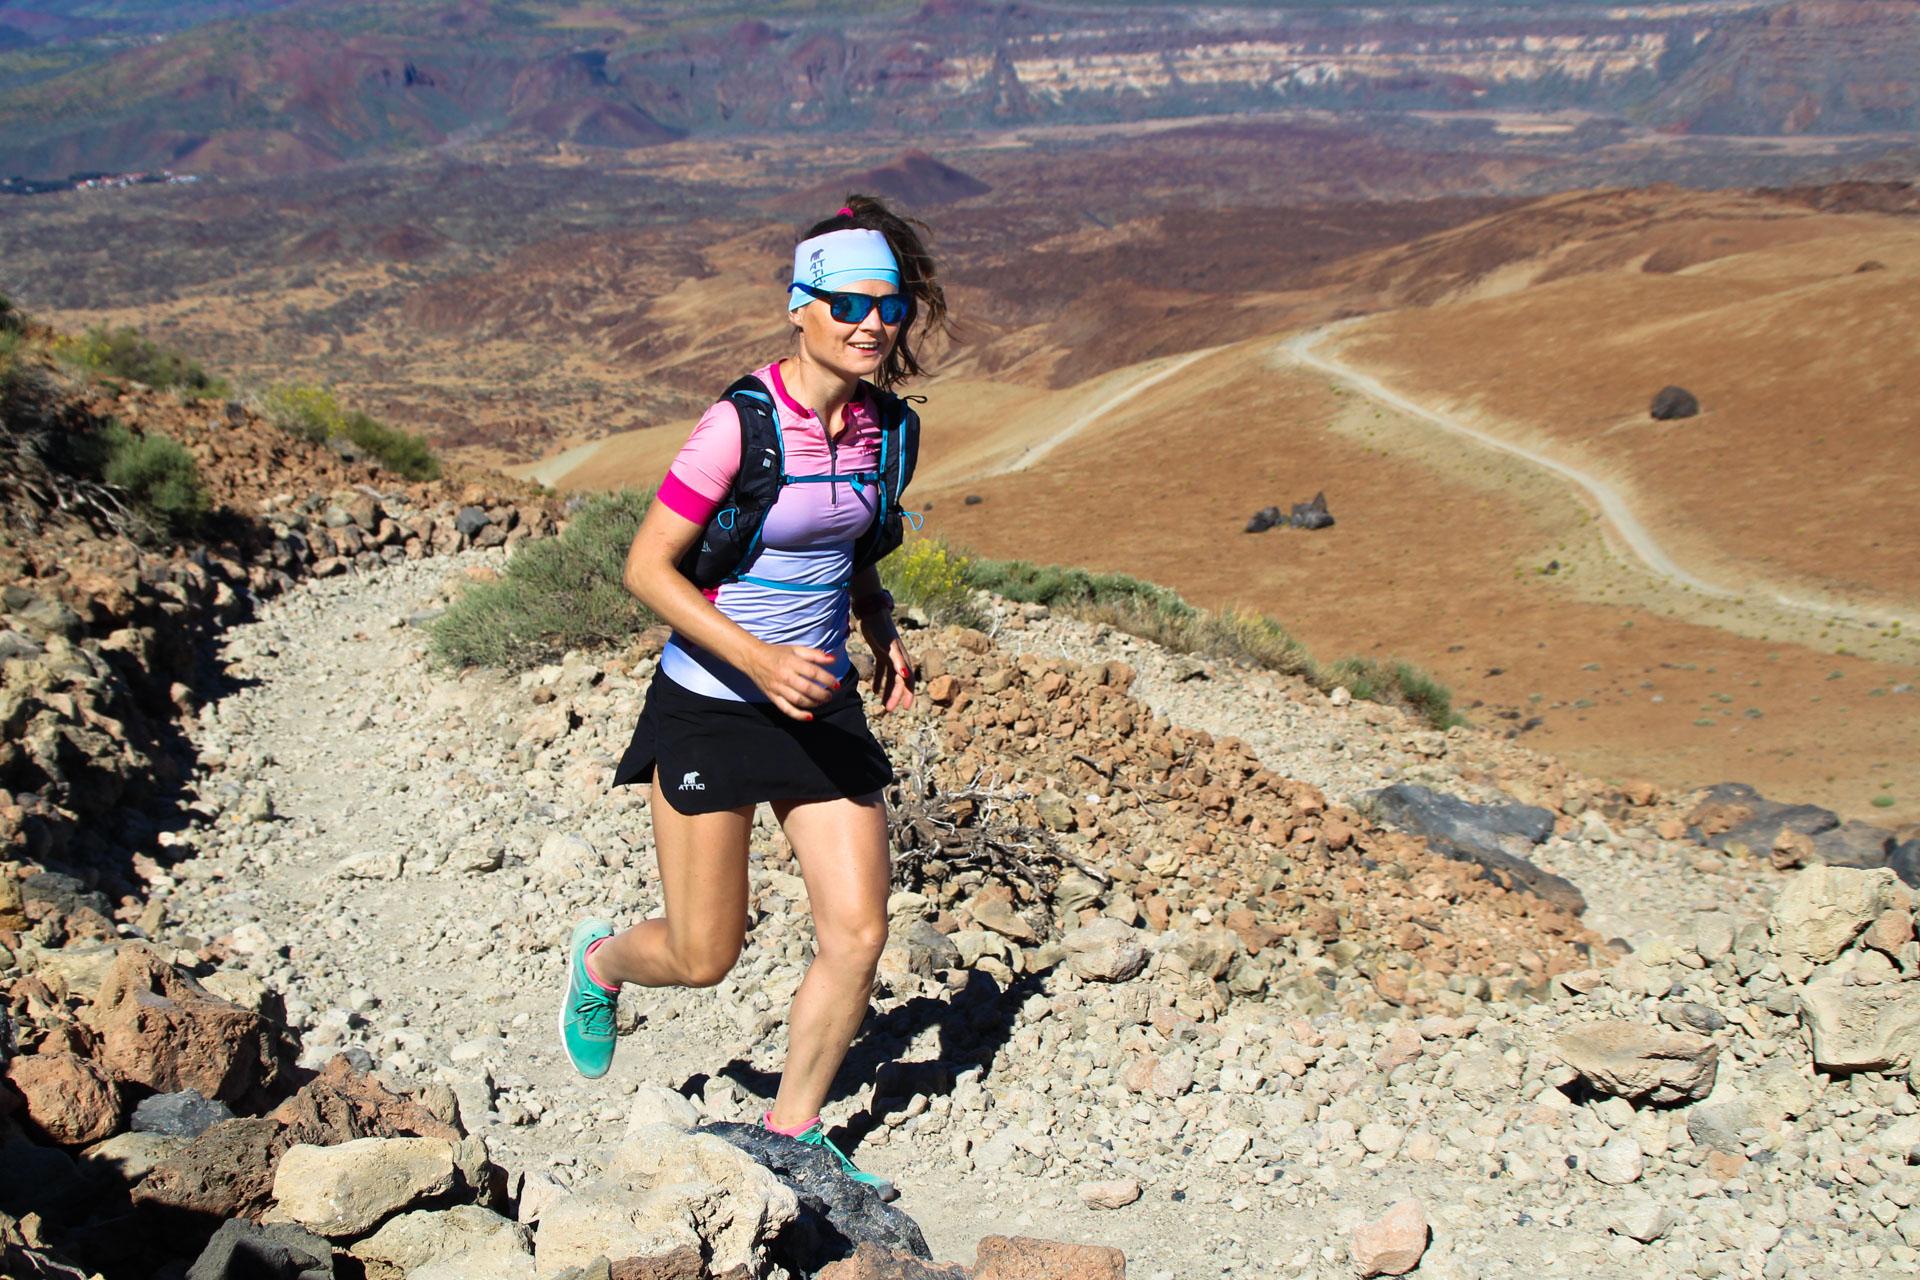 Bieganie na Teide, Teneryfa